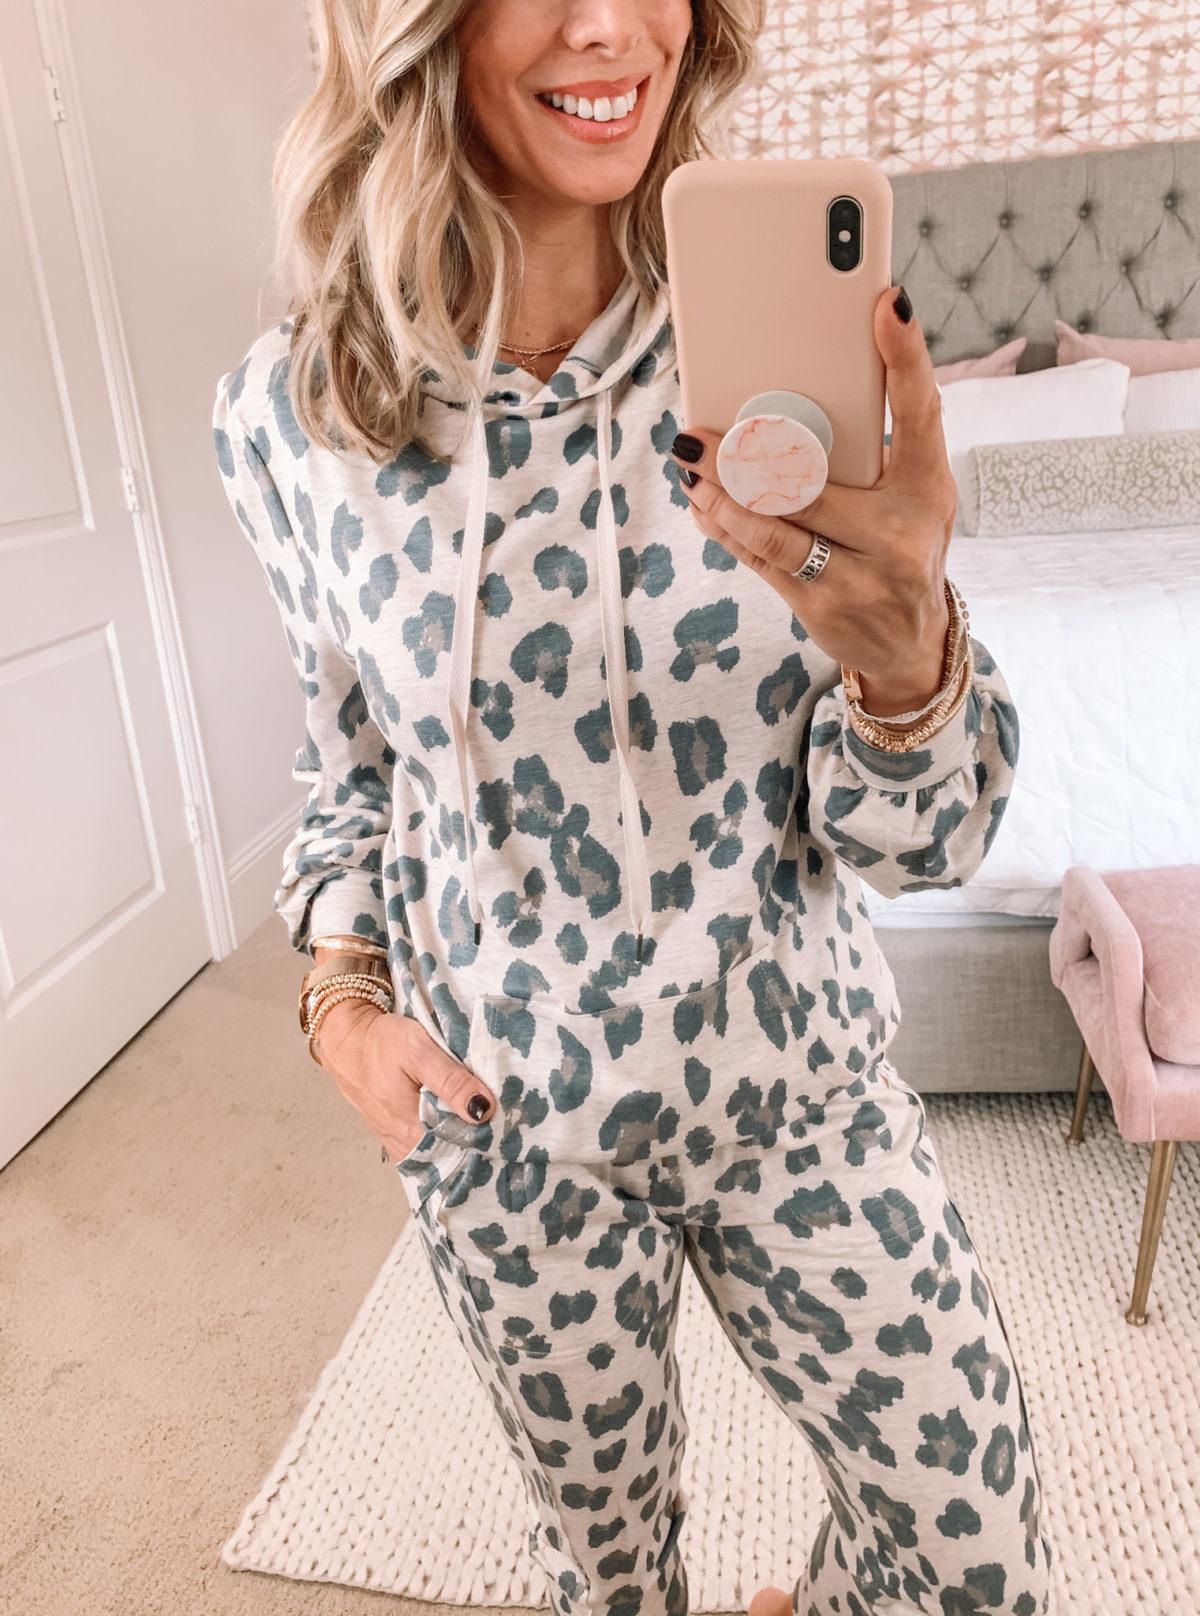 Walmart Fashion, Leopard Loungewear Set